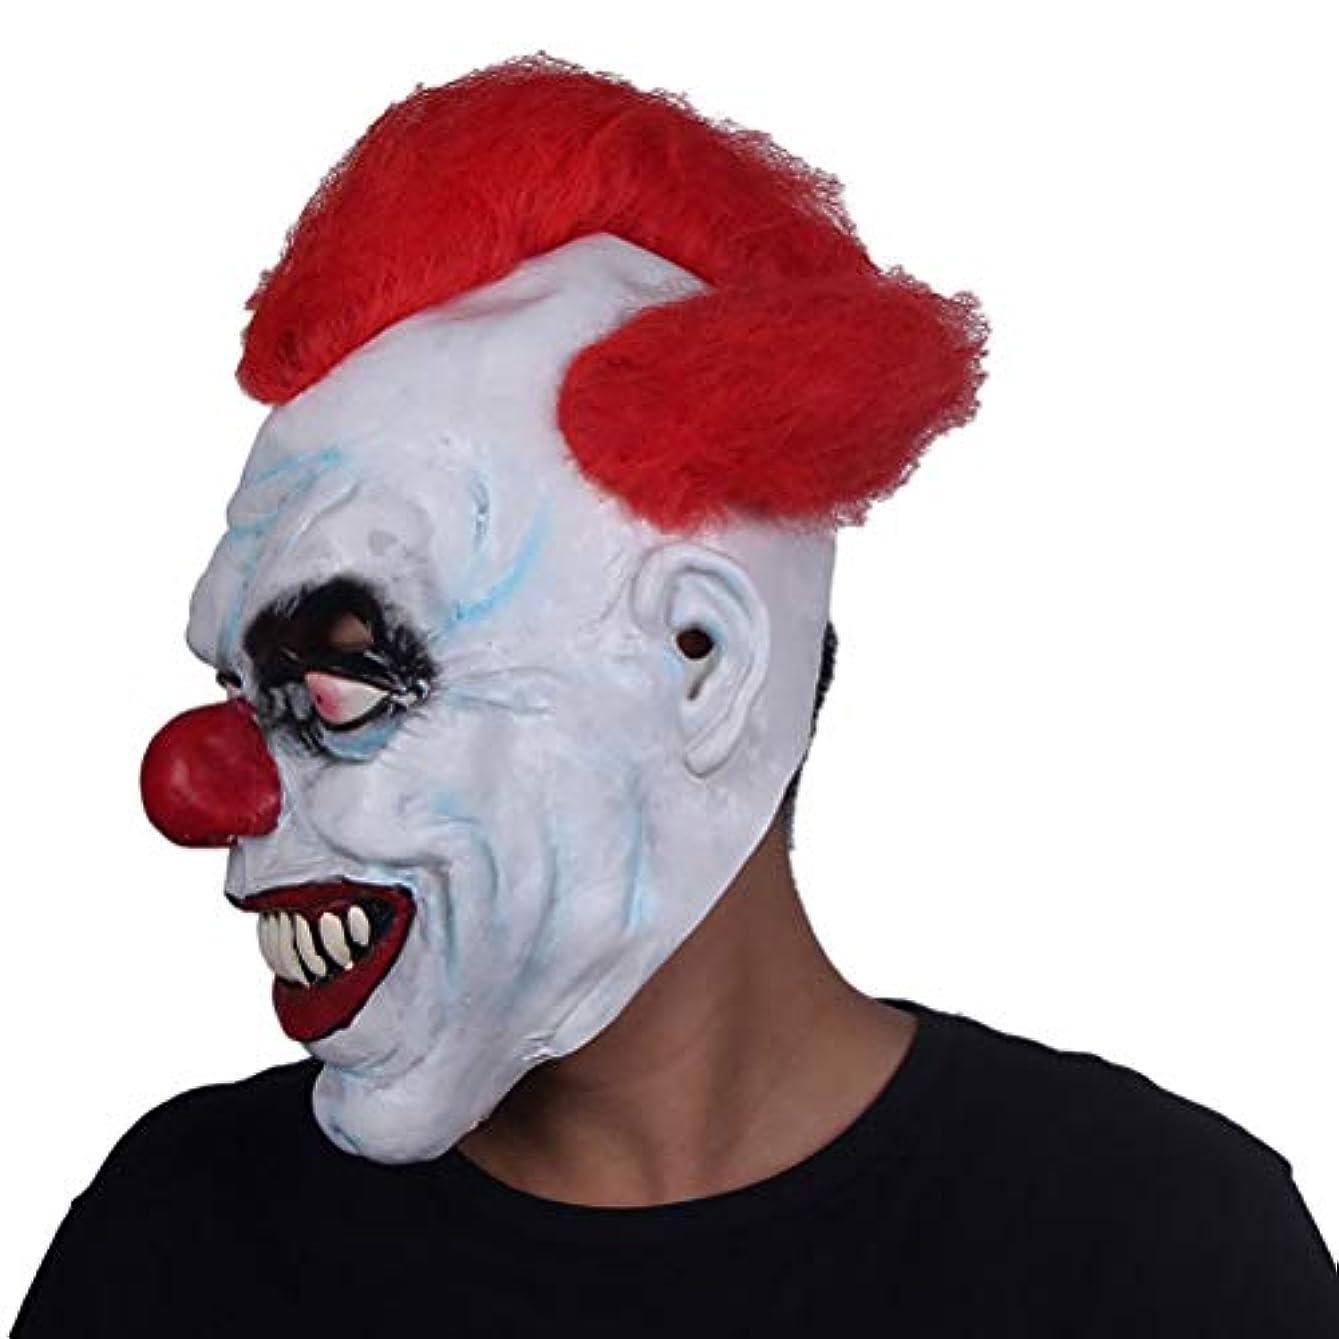 守る不規則性学習ハロウィン大人のラテックスホラーマスクしかめっ面マスクパーティーマスク怖い悪魔マスク映画小道具仮面舞踏会マスク